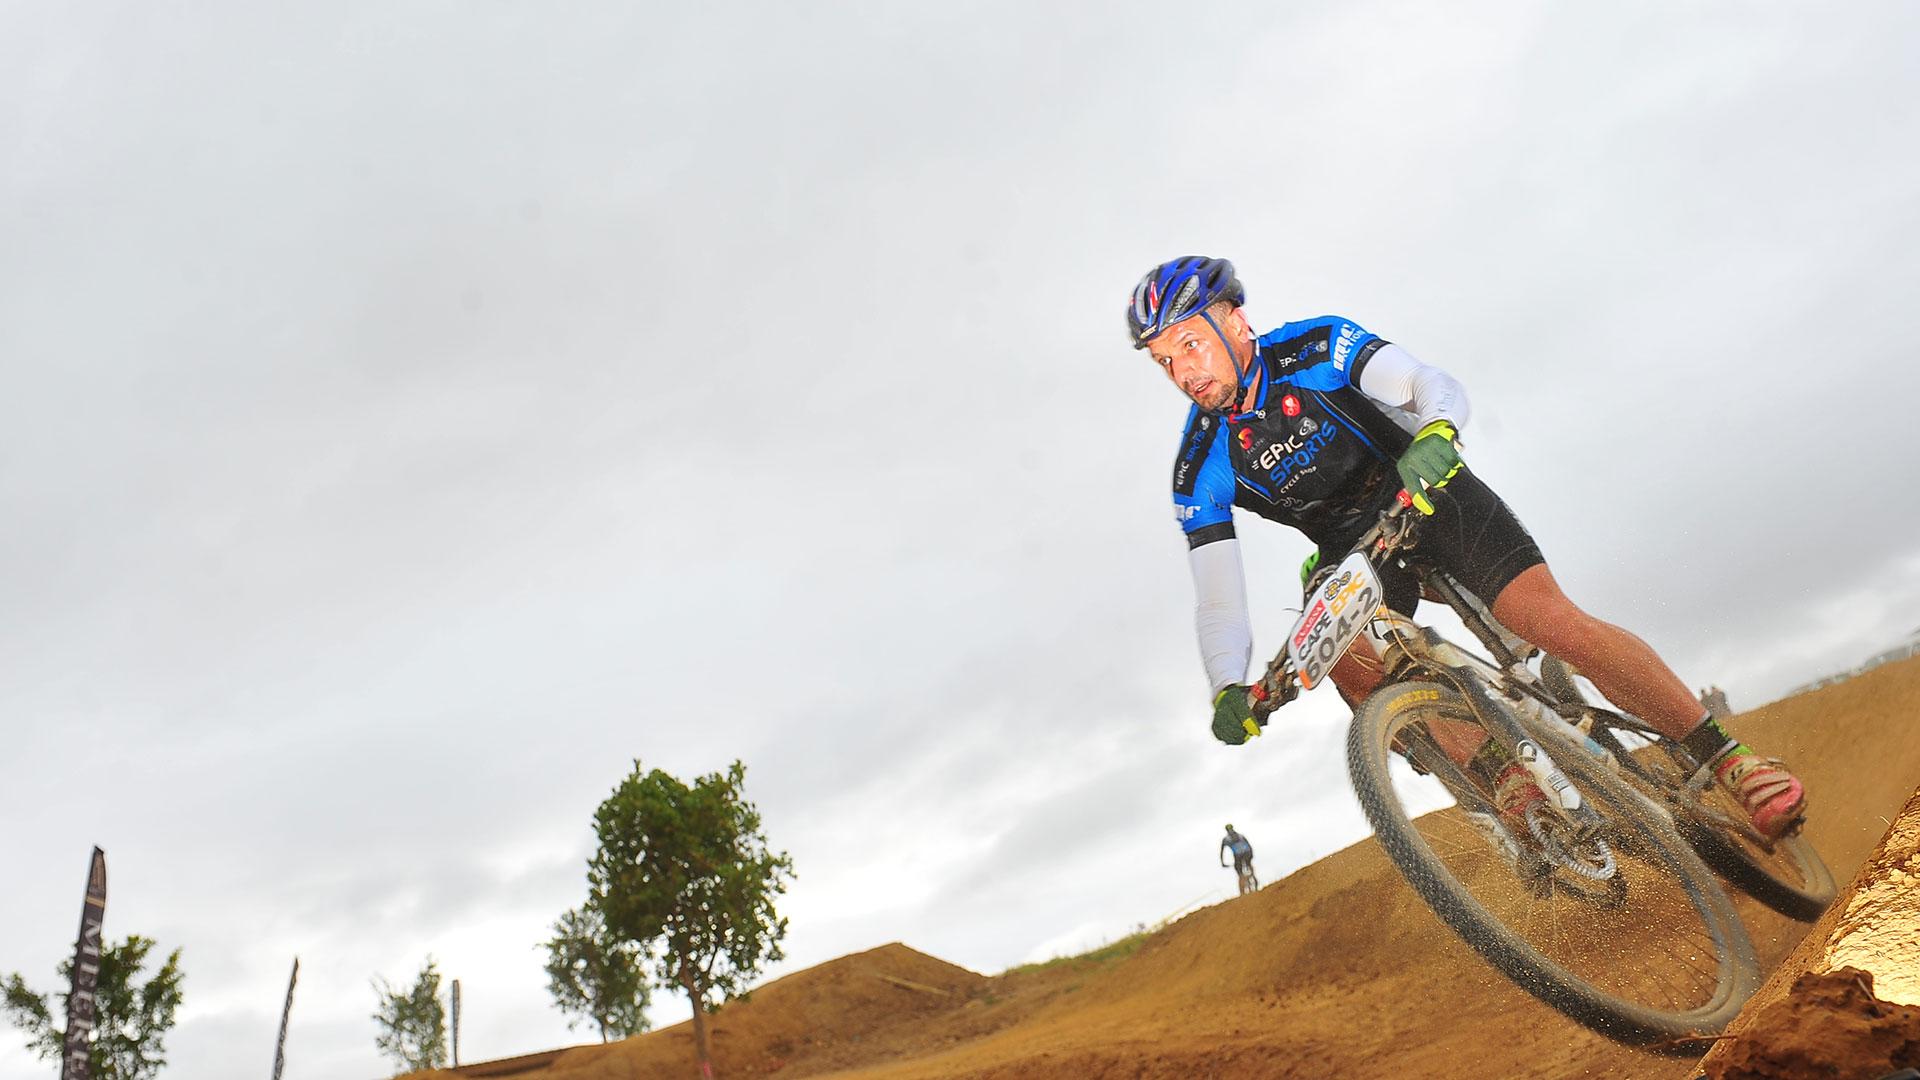 Coen van Tonder riding a mountain bike down a sandy slope